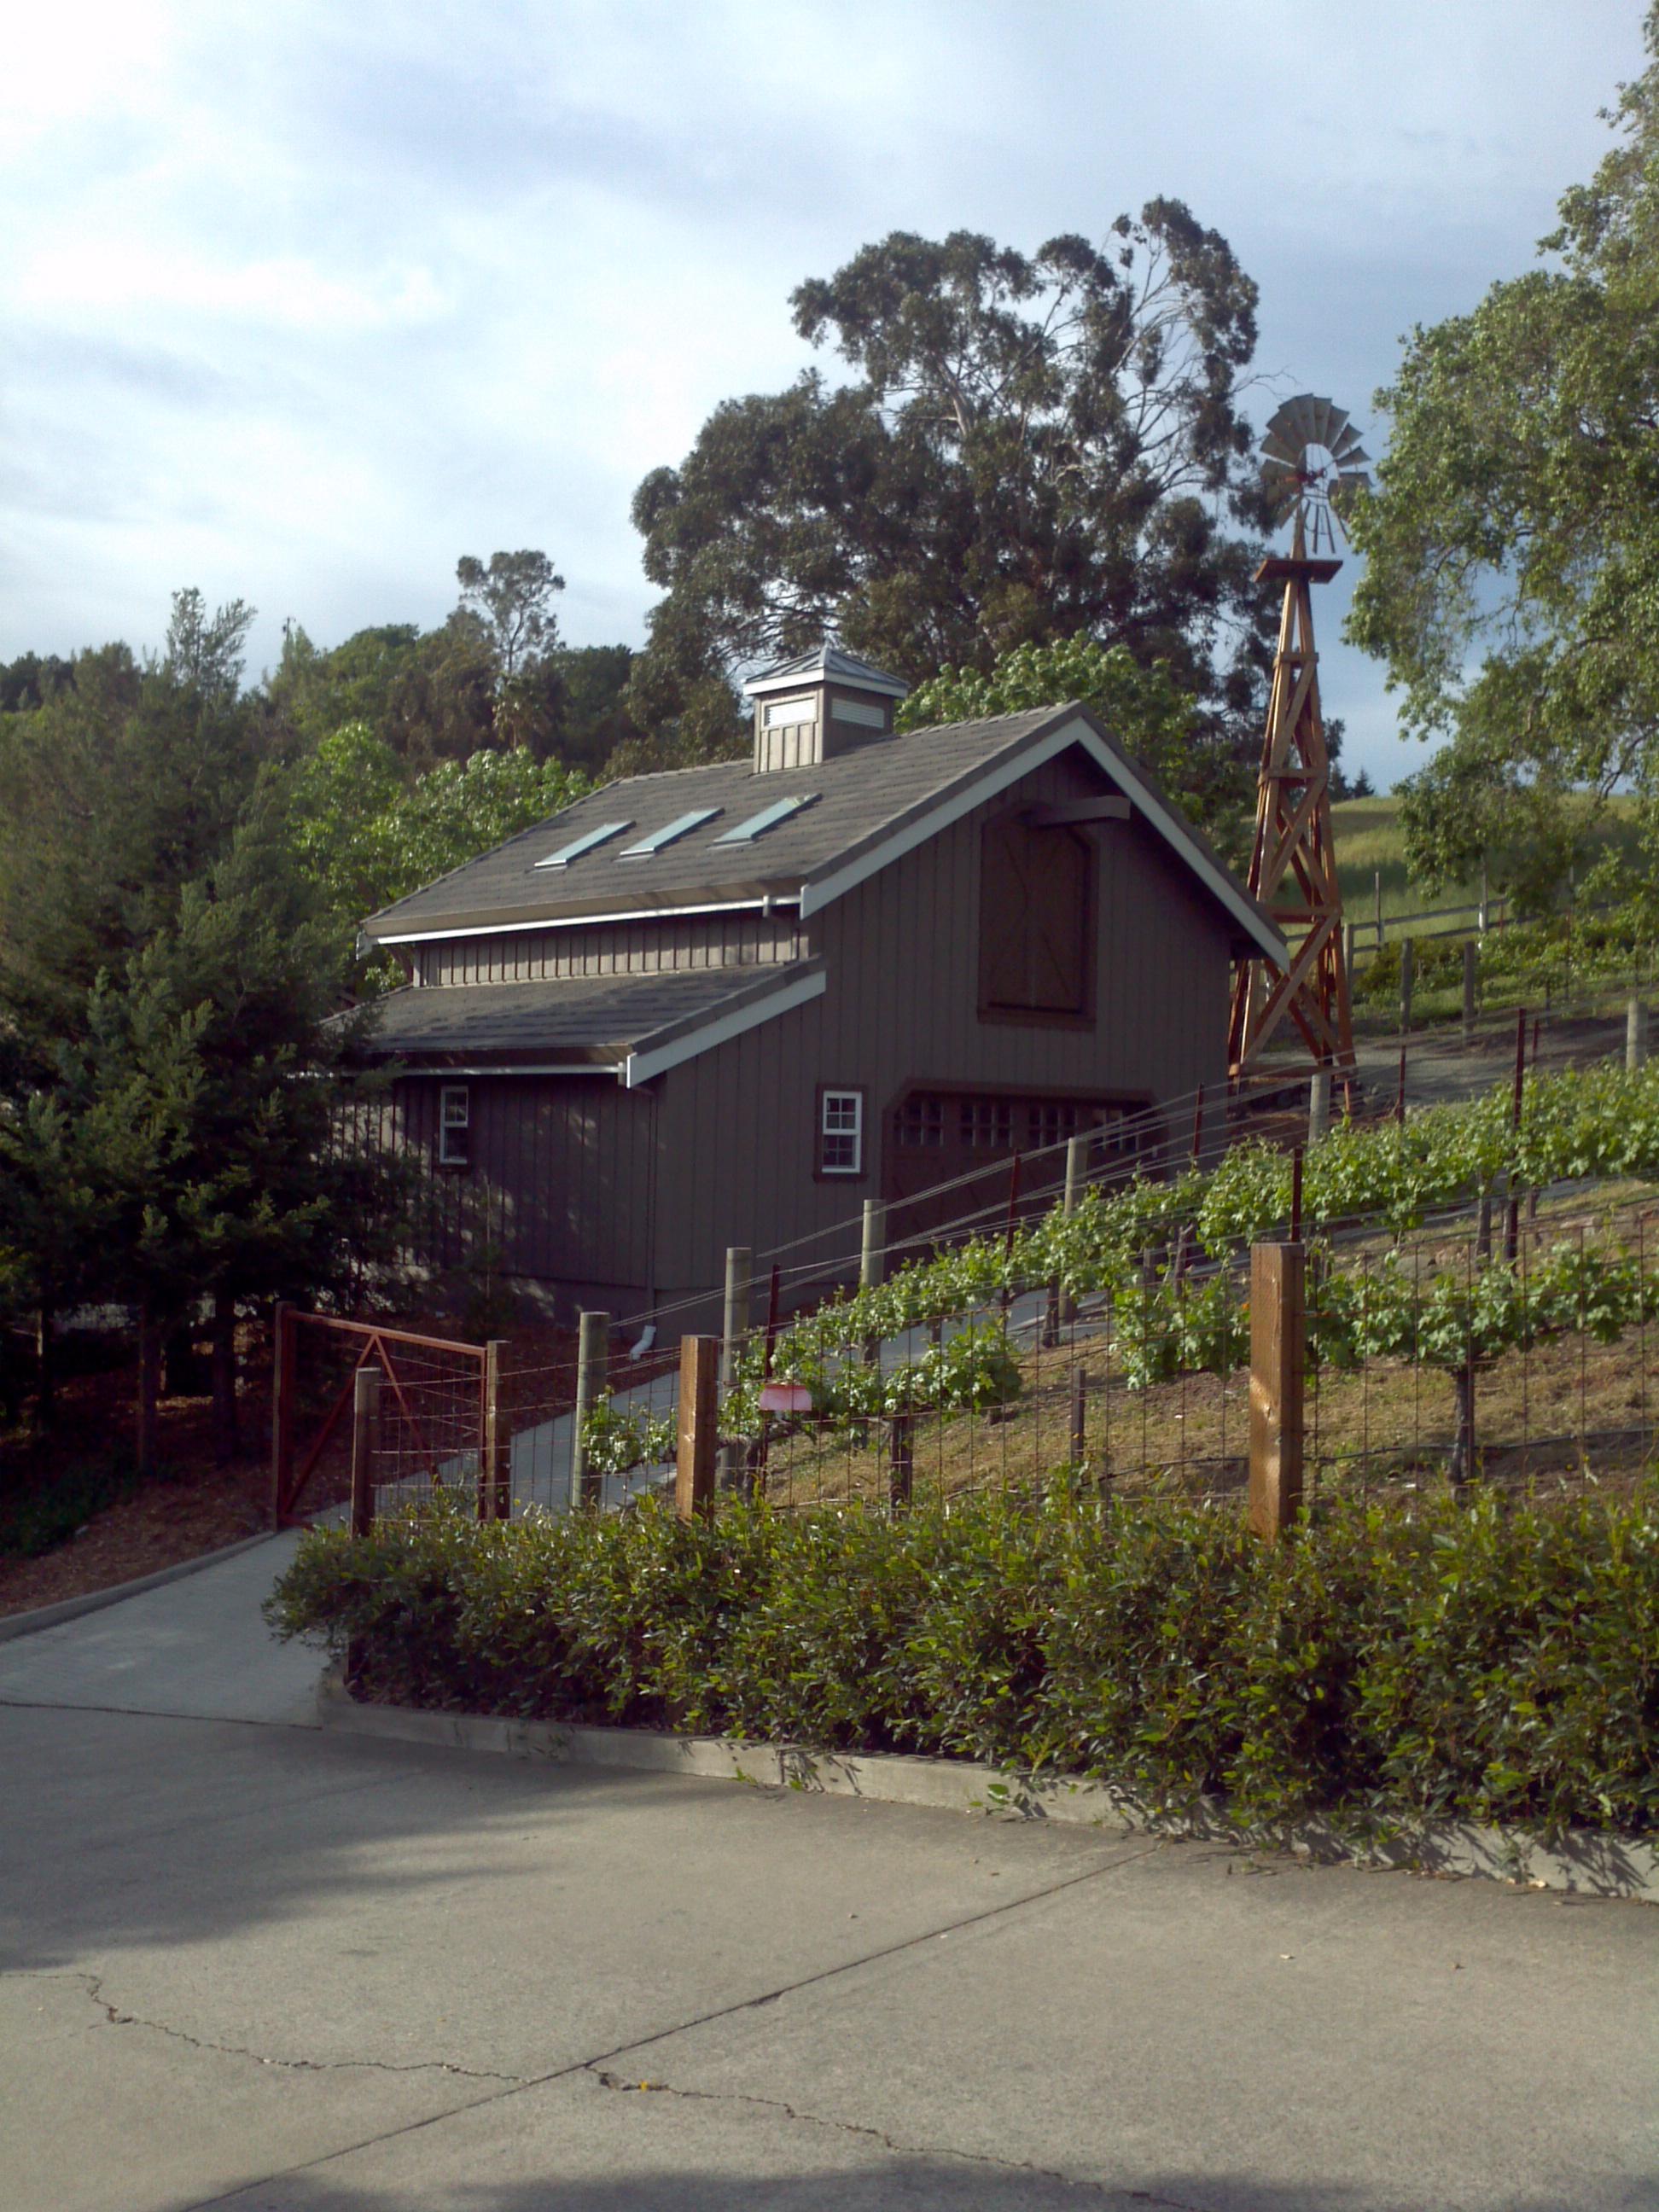 Barn at Reliez Valley Vineyards